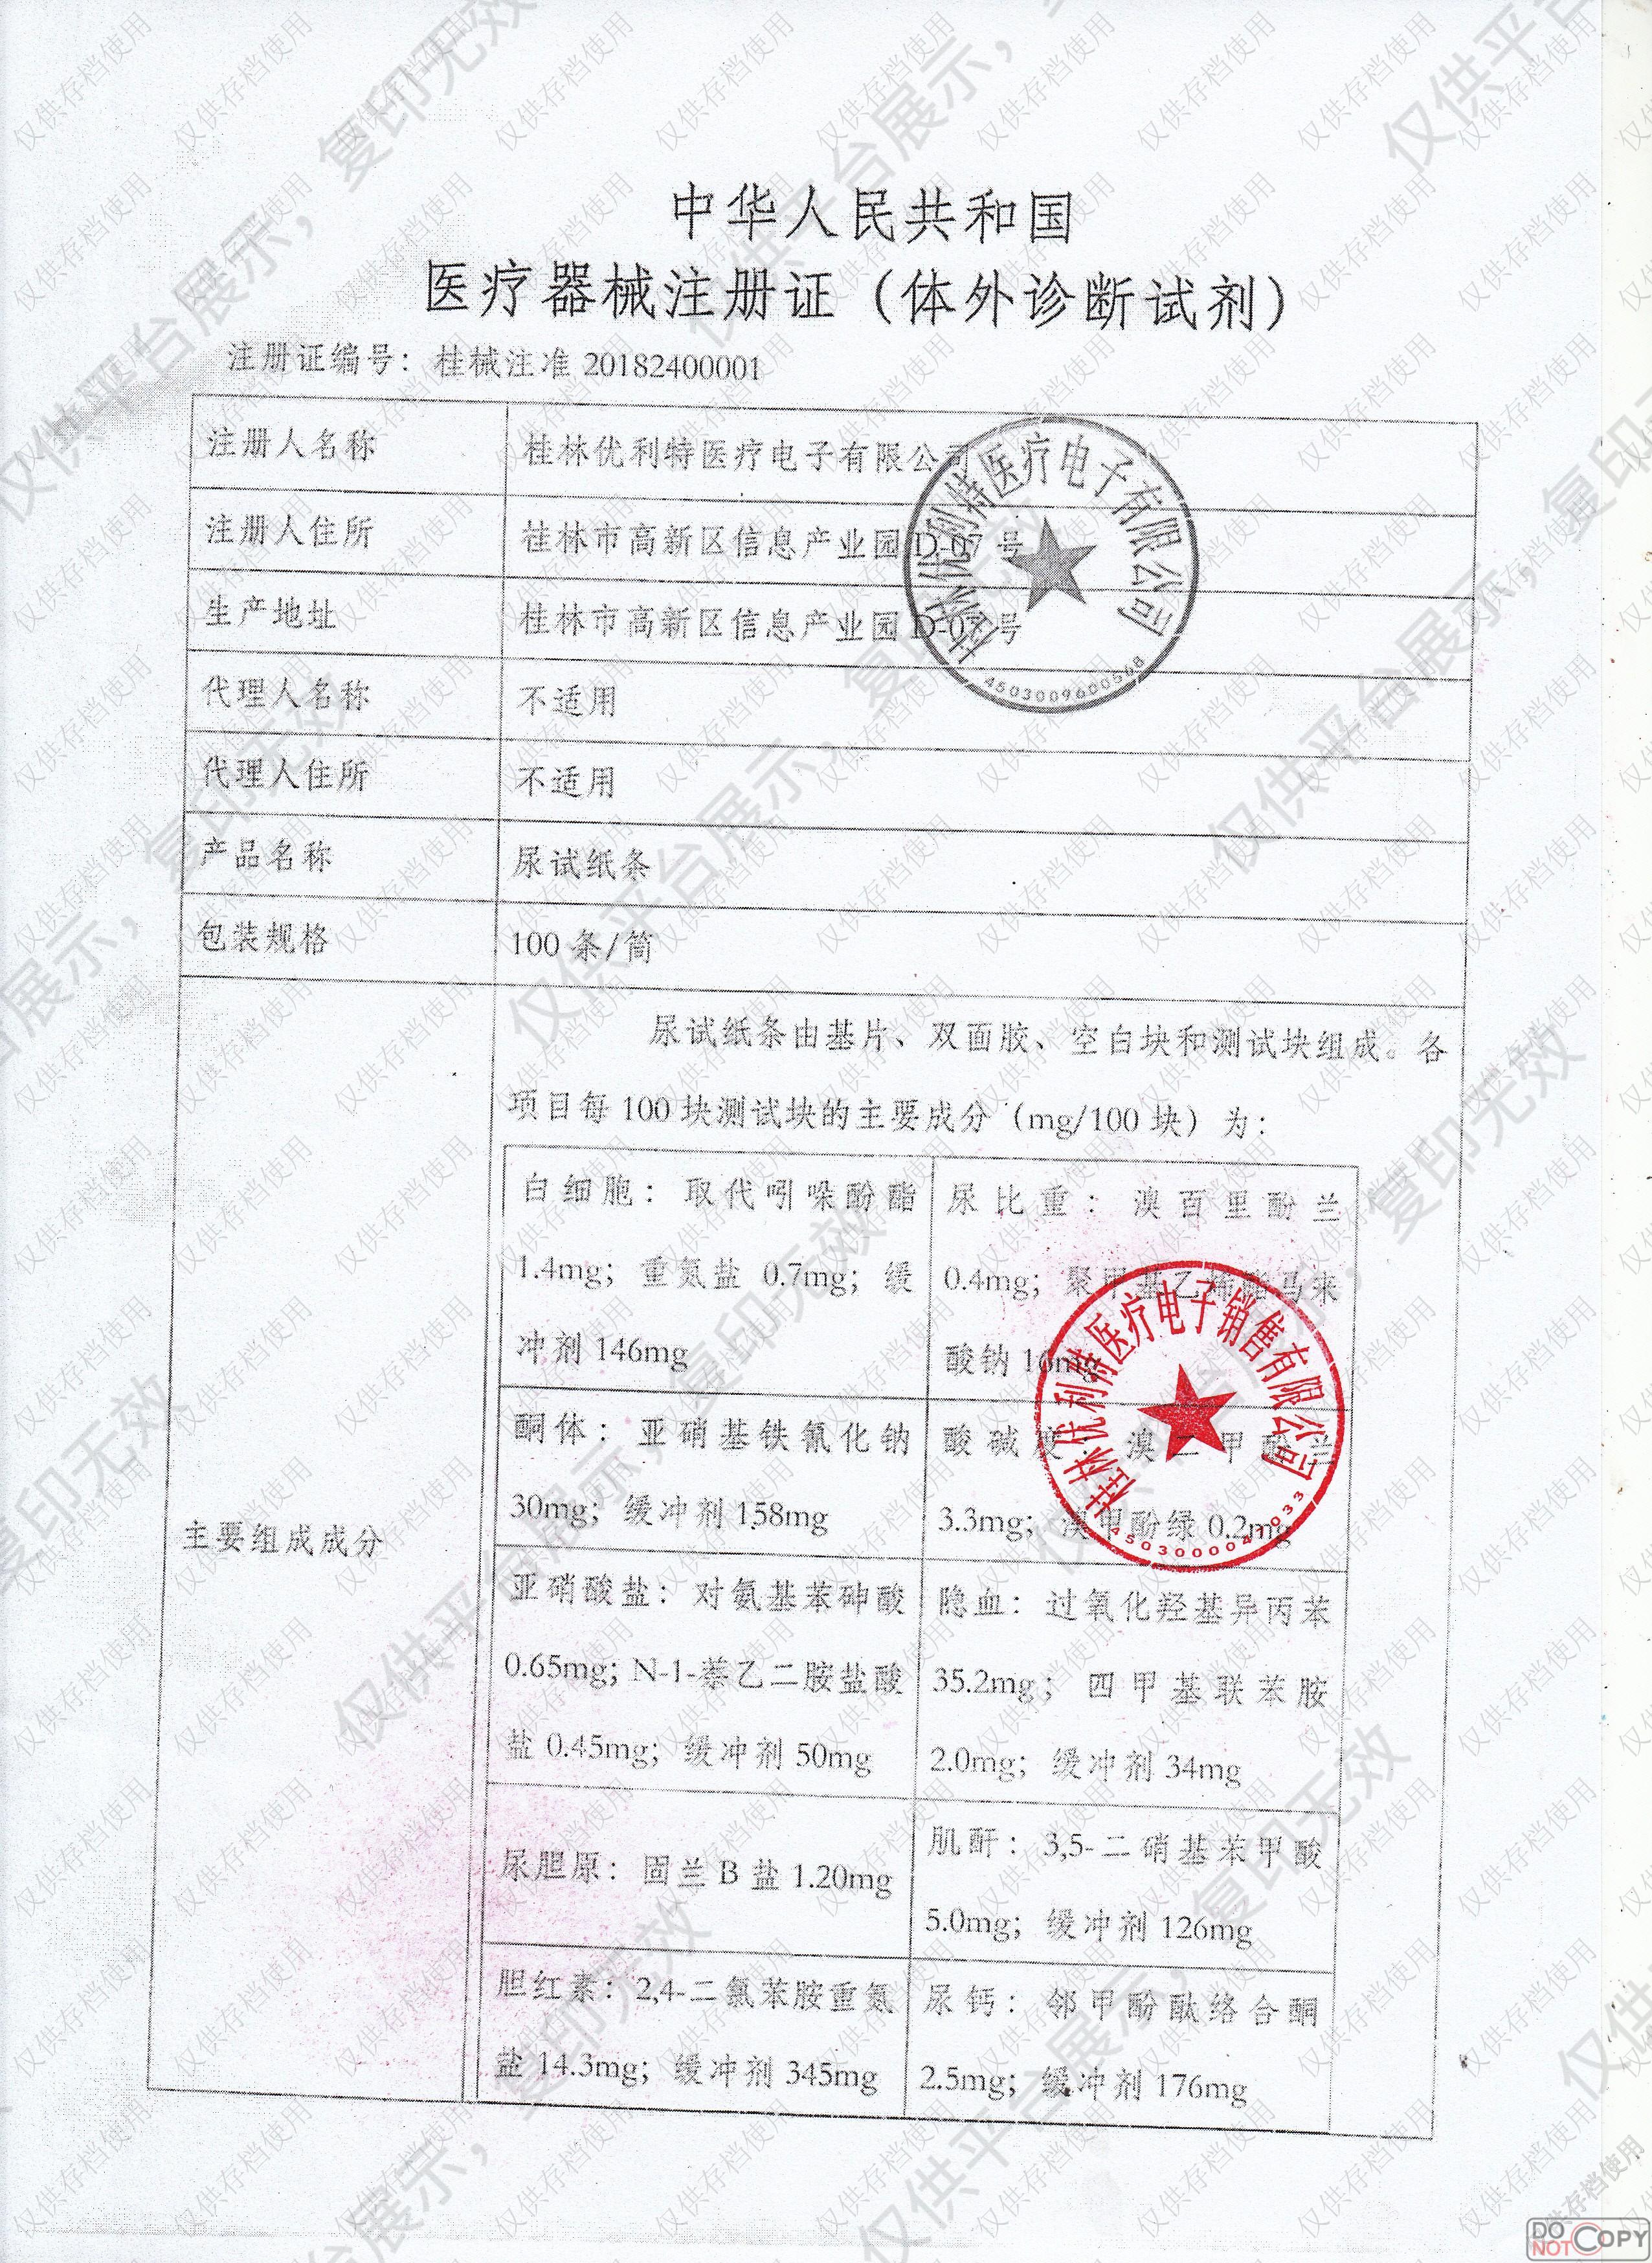 优利特URIT 尿试纸条 13G 100人份/筒注册证